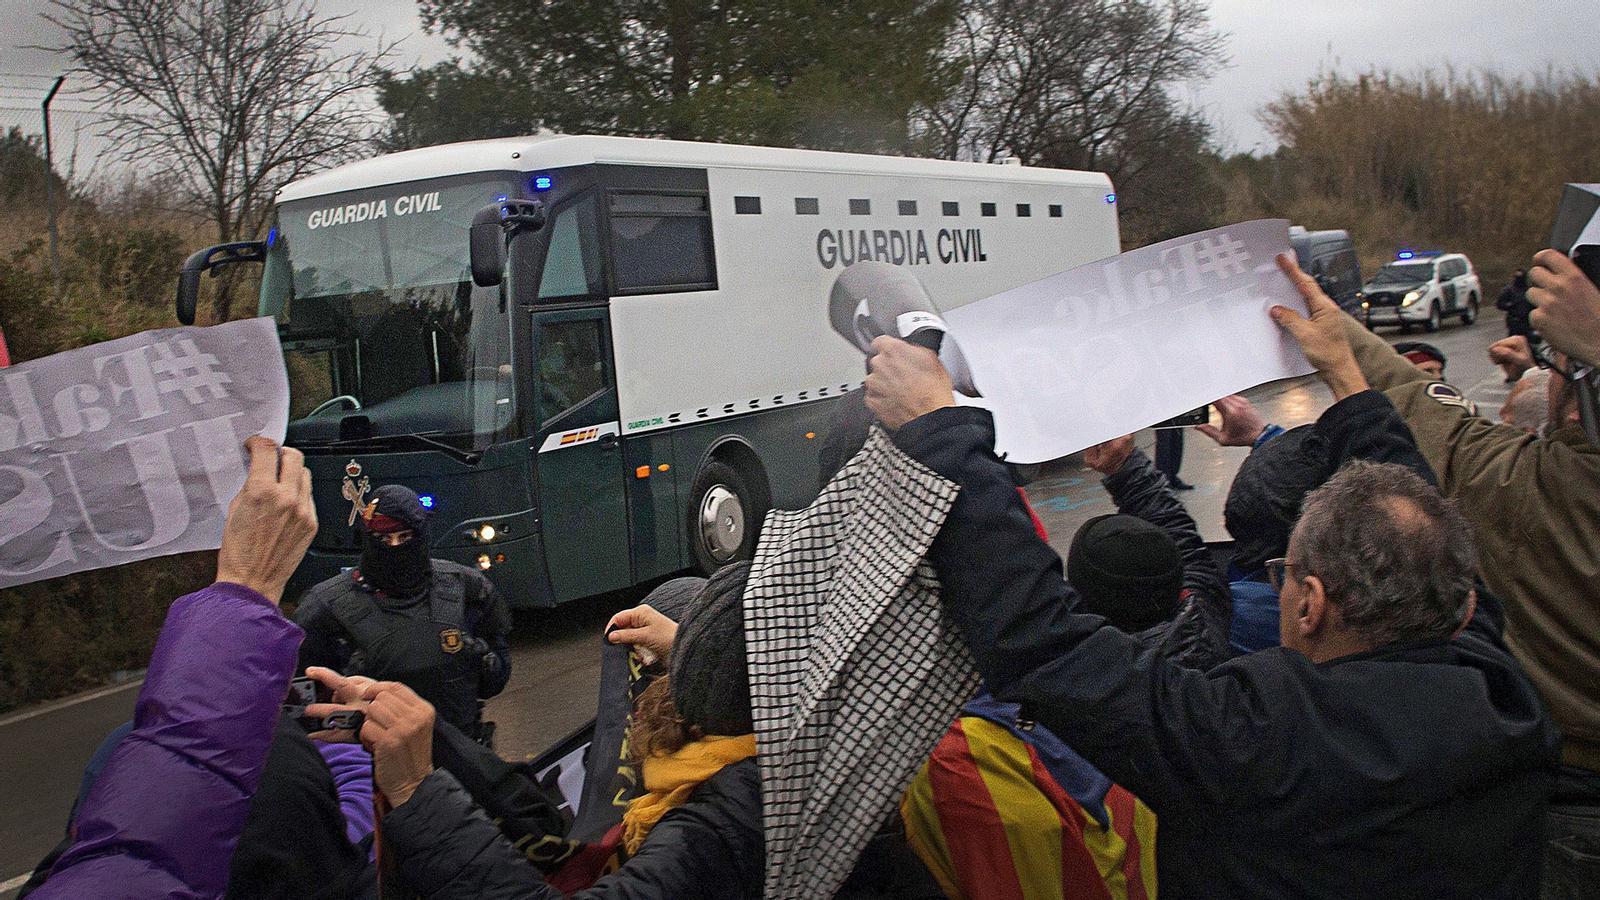 L'anàlisi d'Antoni Bassas: 'El problema de Catalunya viatja a Madrid per ser jutjat'